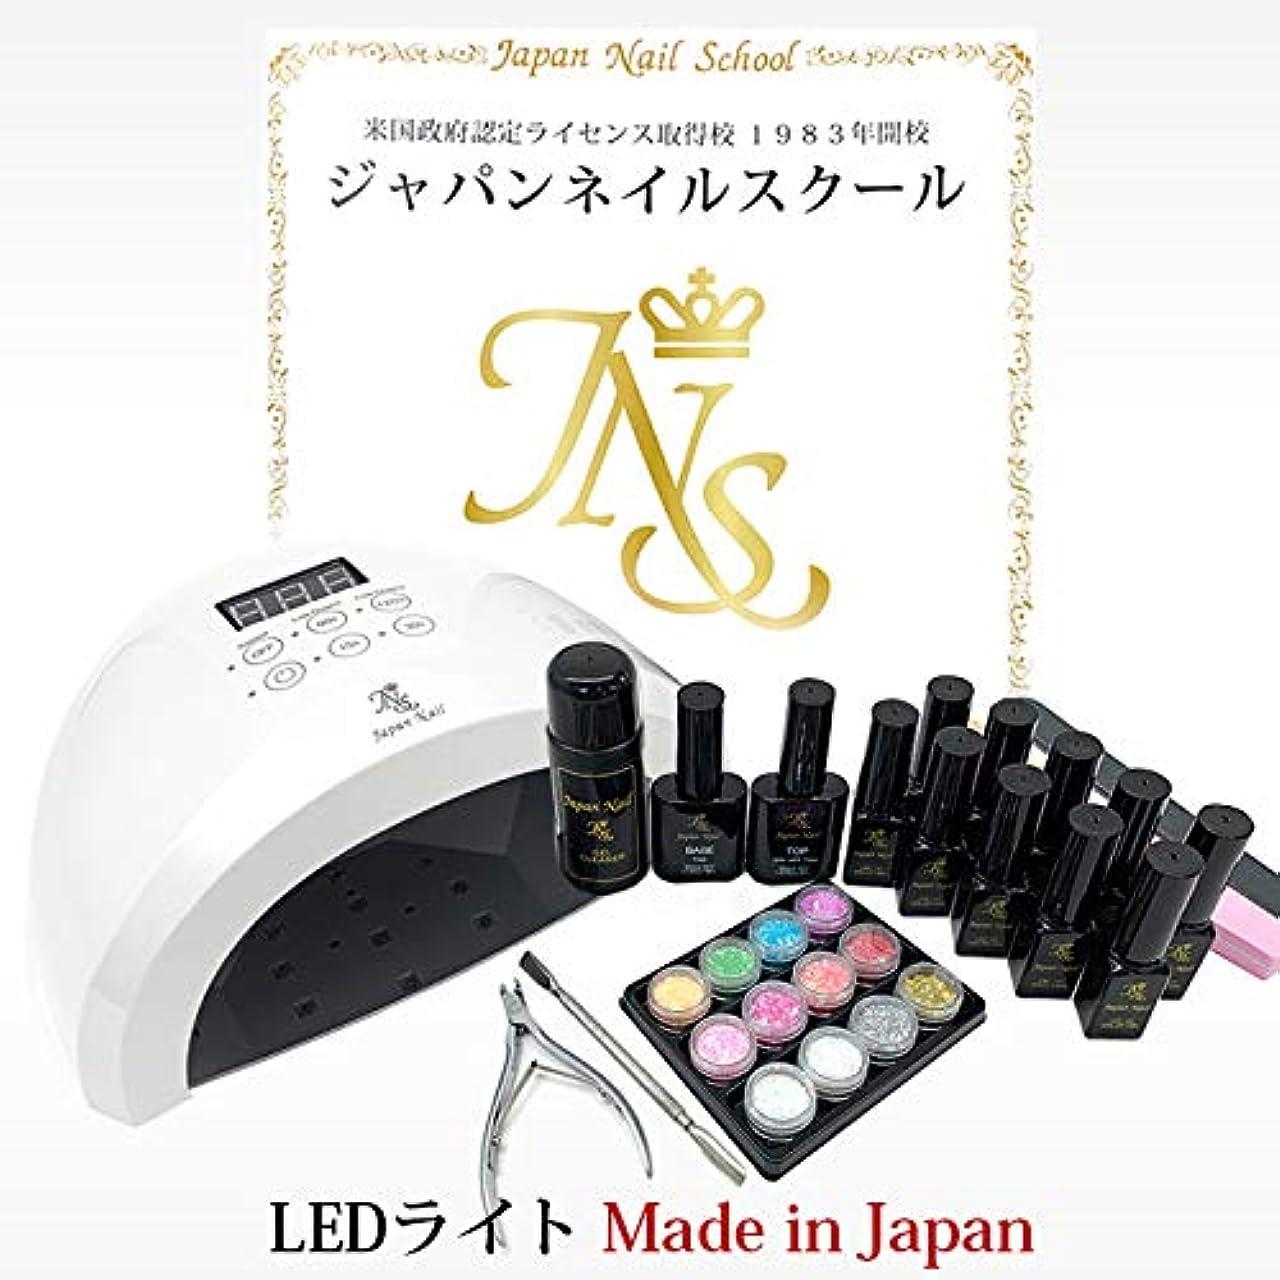 縁石でも寓話弱爪?傷爪でも熱くない2つのローダウン機能搭載ジェルネイルキット最新型日本製LEDライトn7初心者も安心の5年間サポート付